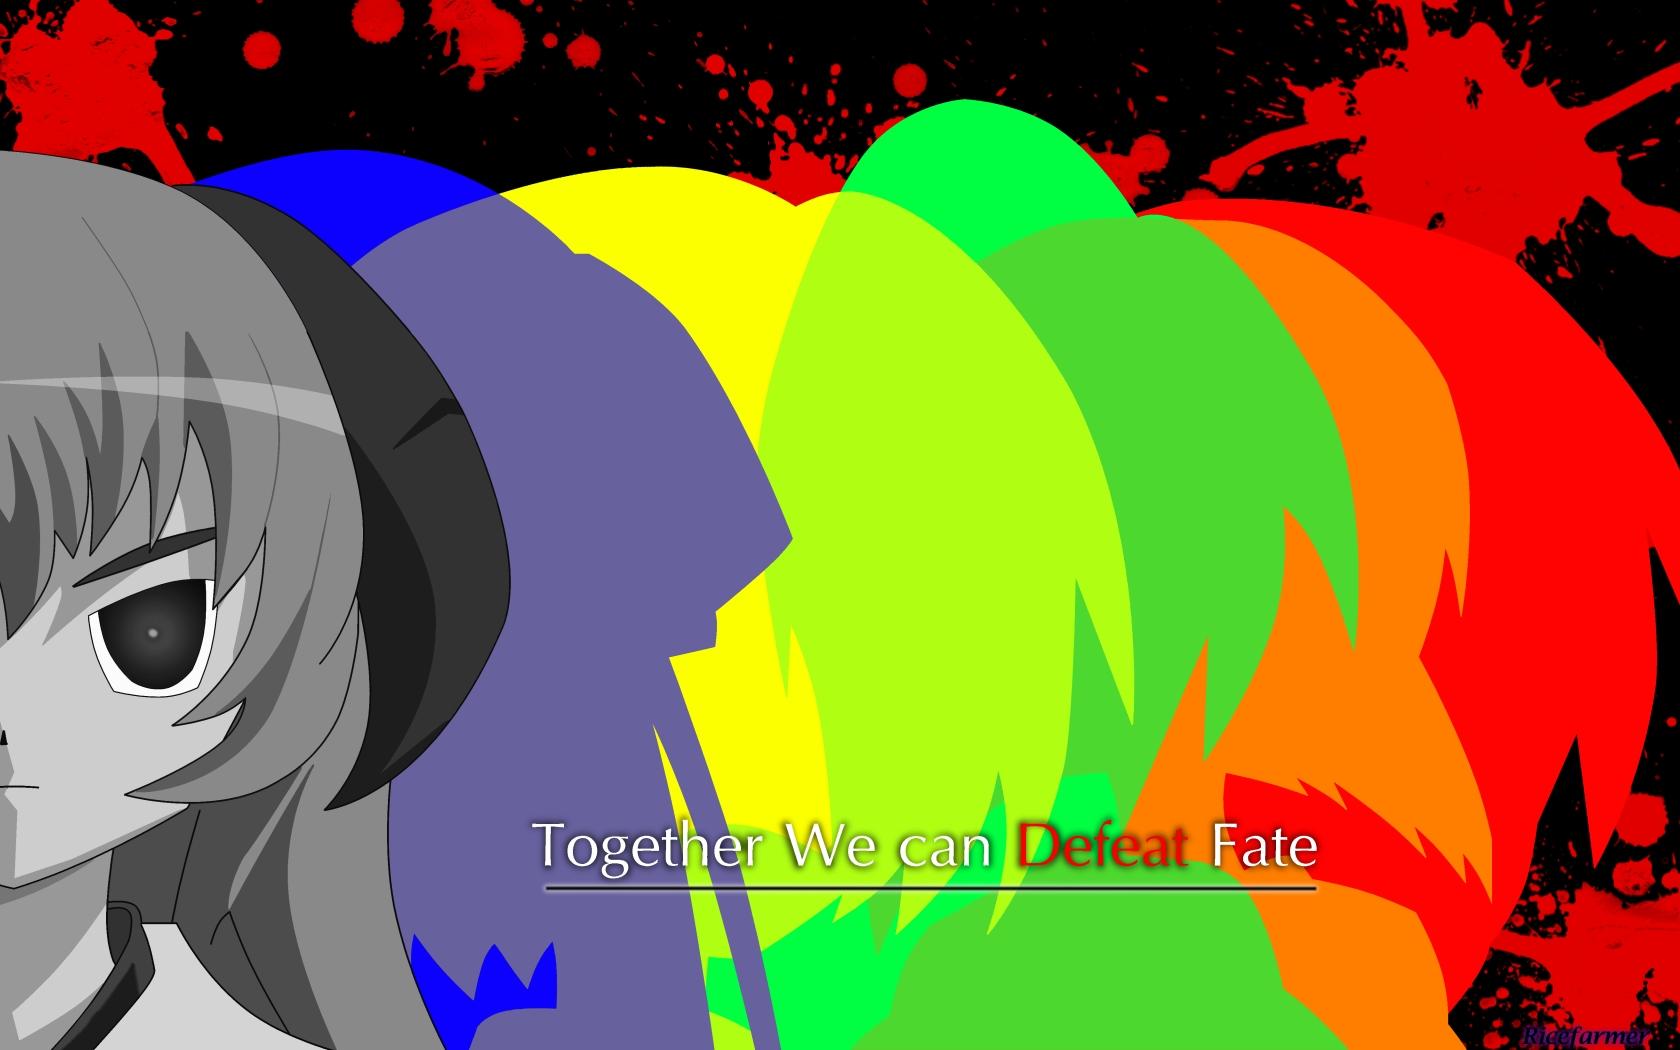 furude_rika hanyuu higurashi_no_naku_koro_ni houjou_satoko maebara_keiichi ryuuguu_rena silhouette sonozaki_mion